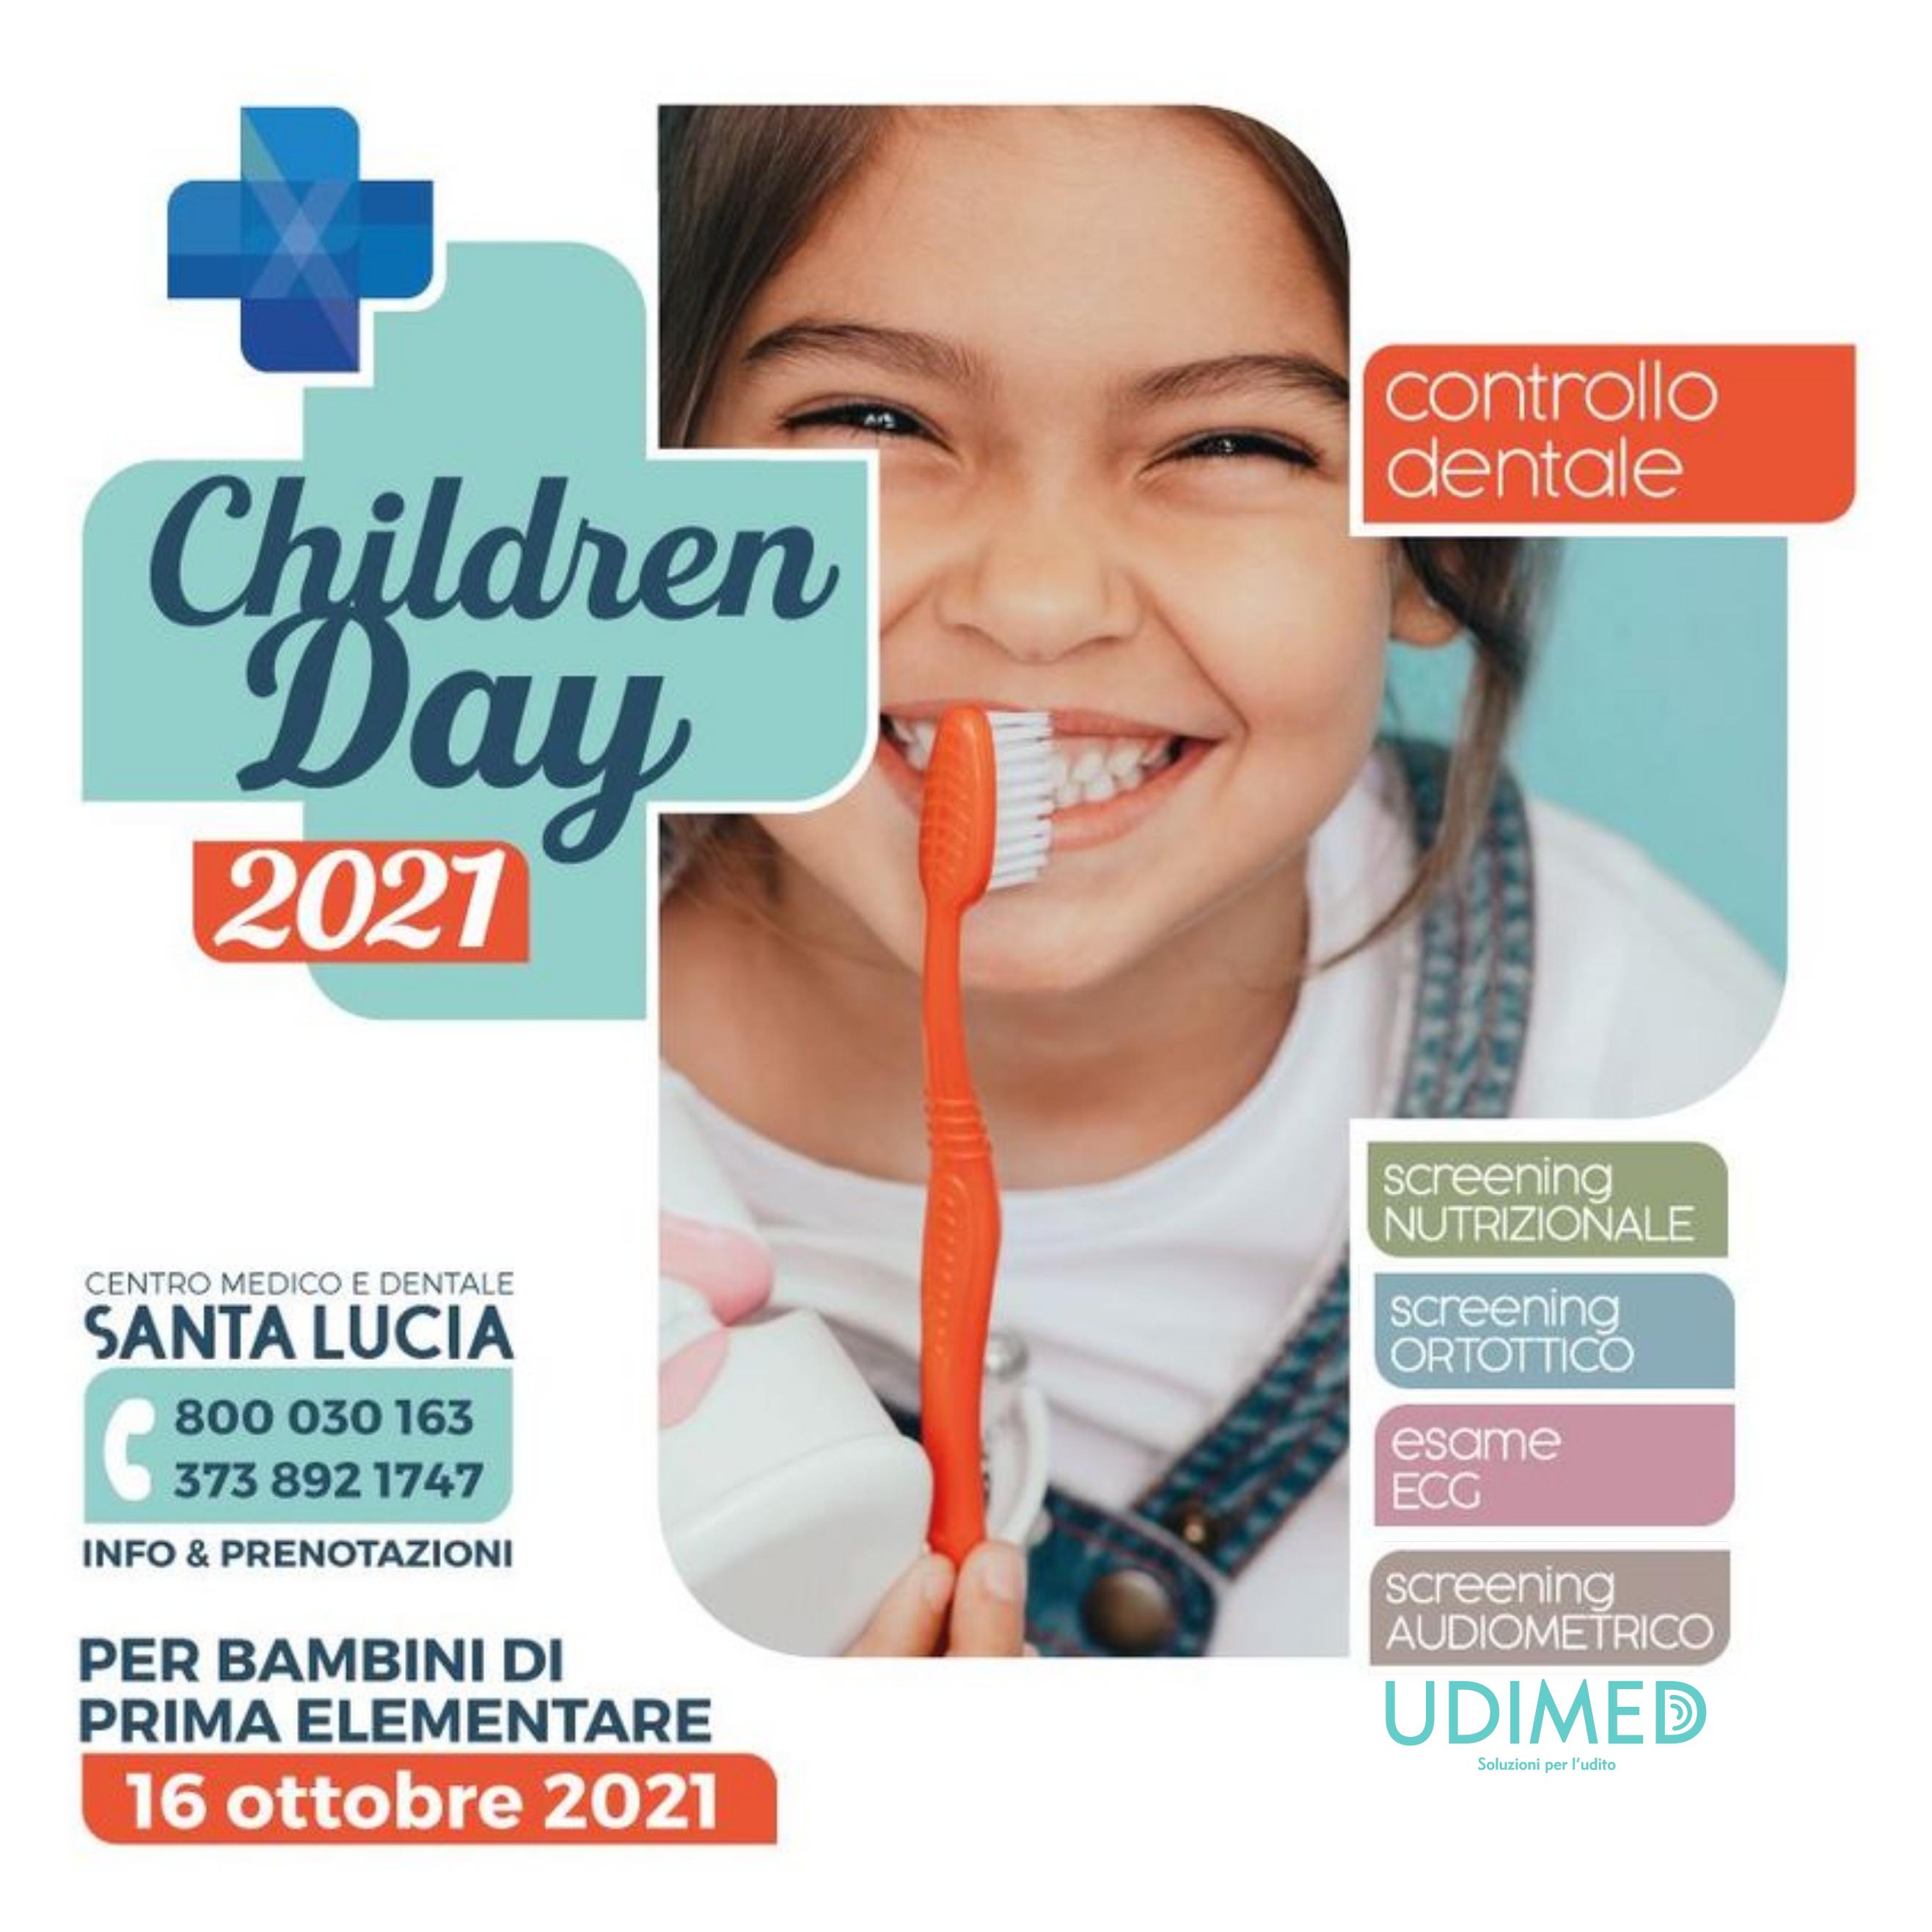 CHILDREN DAY MELENDUGNO 2021